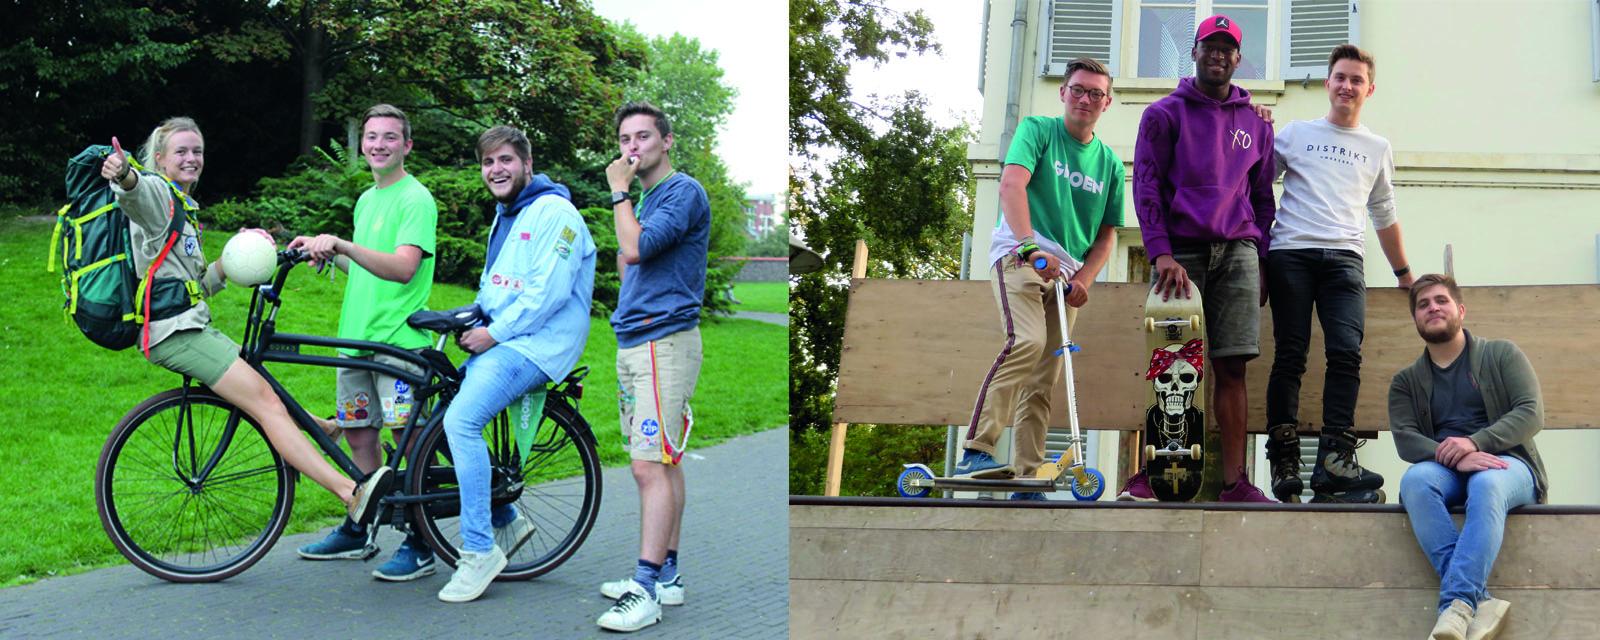 <h2>voluit voor de jeugd</h2><div>Ruimte voor de jeugd! De jeugdevenementen blijven in Bouckenborghpark, nieuw skatepark, behoud van subsidies en extra ondersteuning voor de jeugdverenigingen! </div>